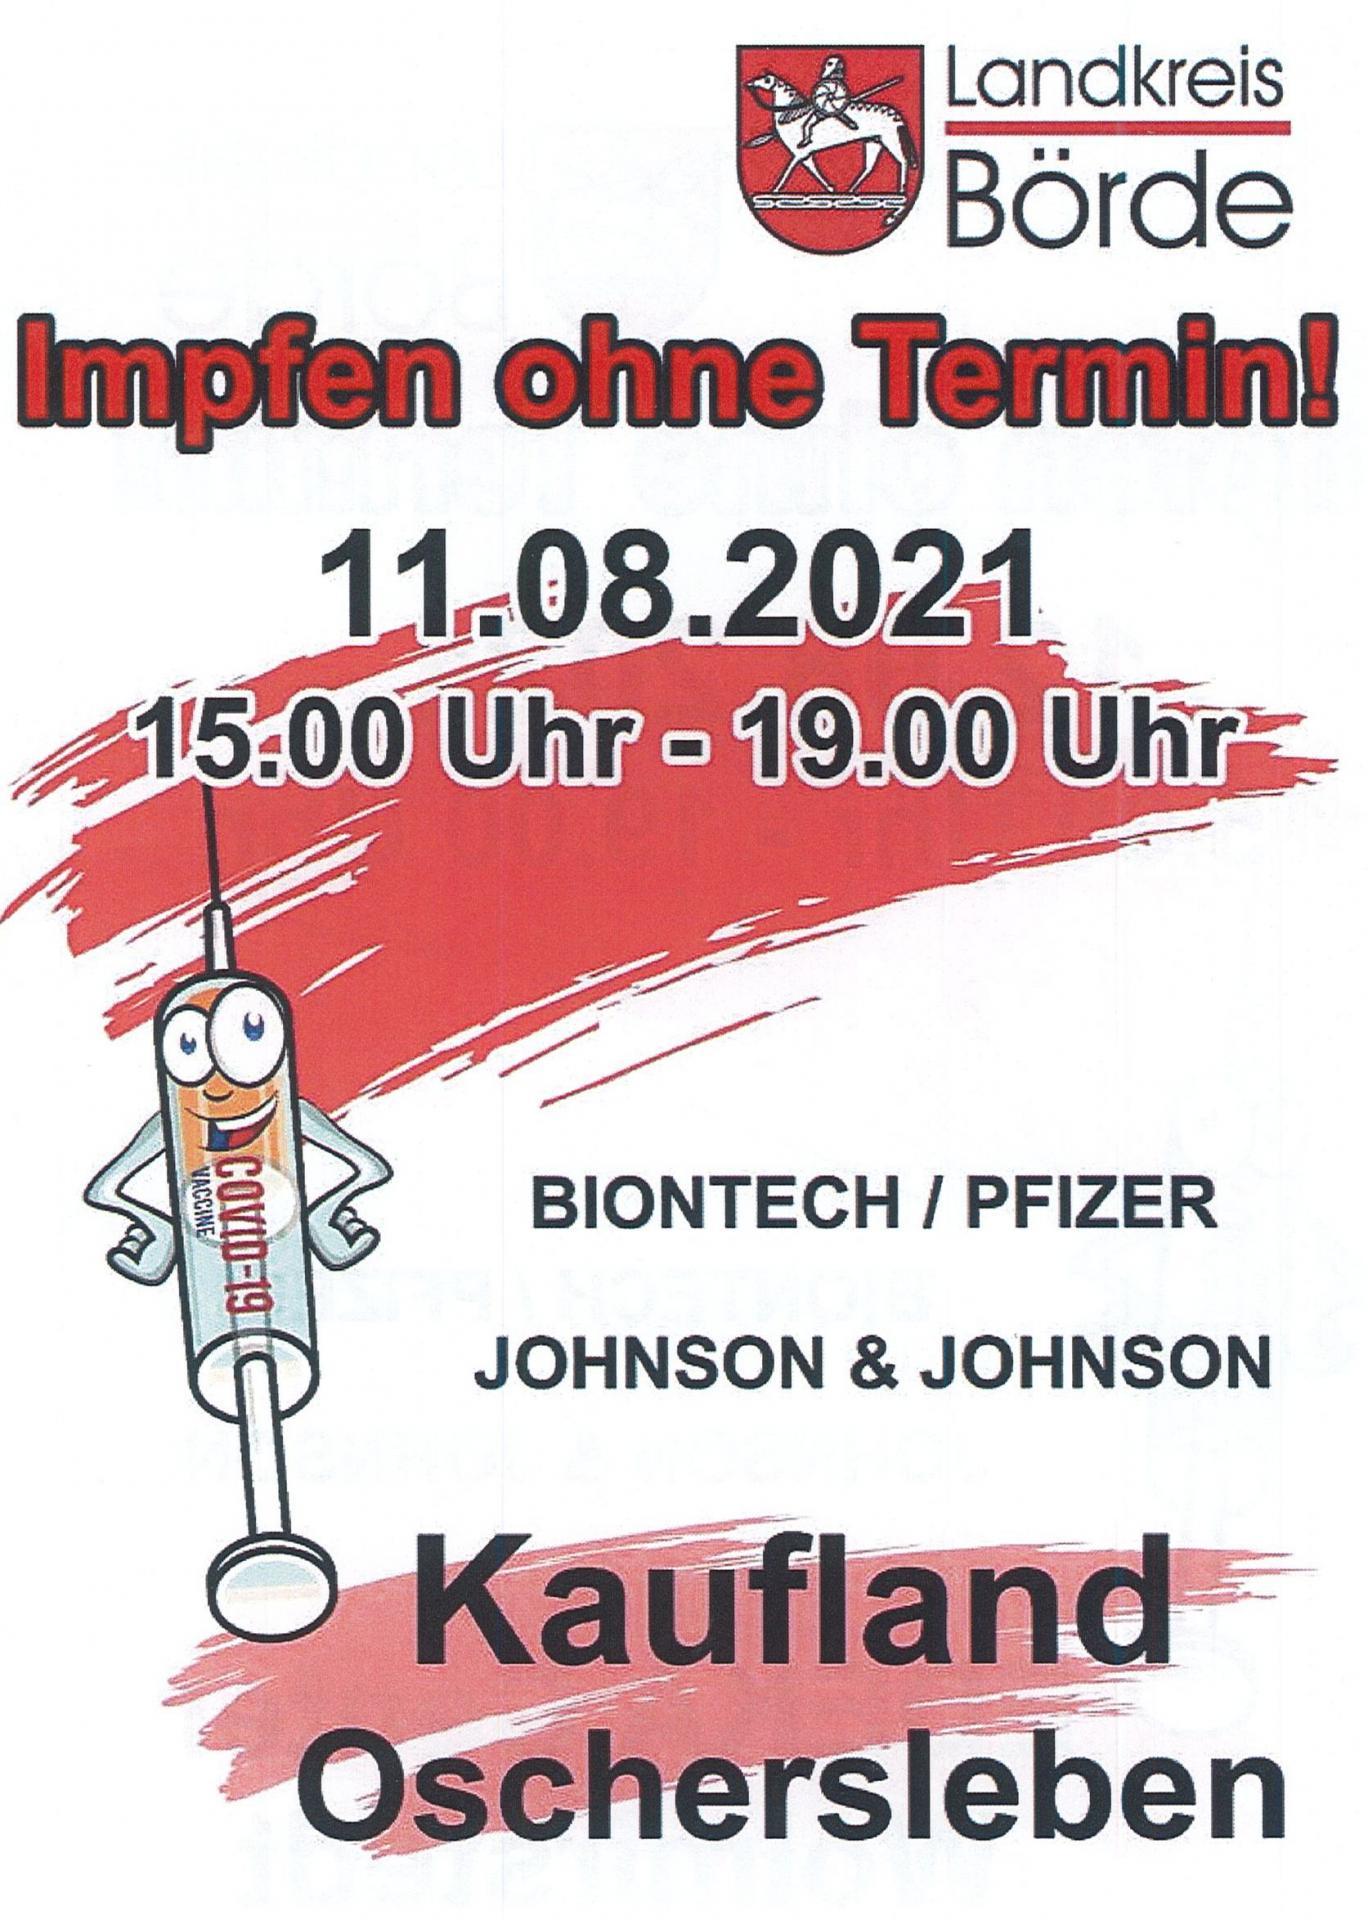 Impfbus - Standort Kaufland Oschersleben